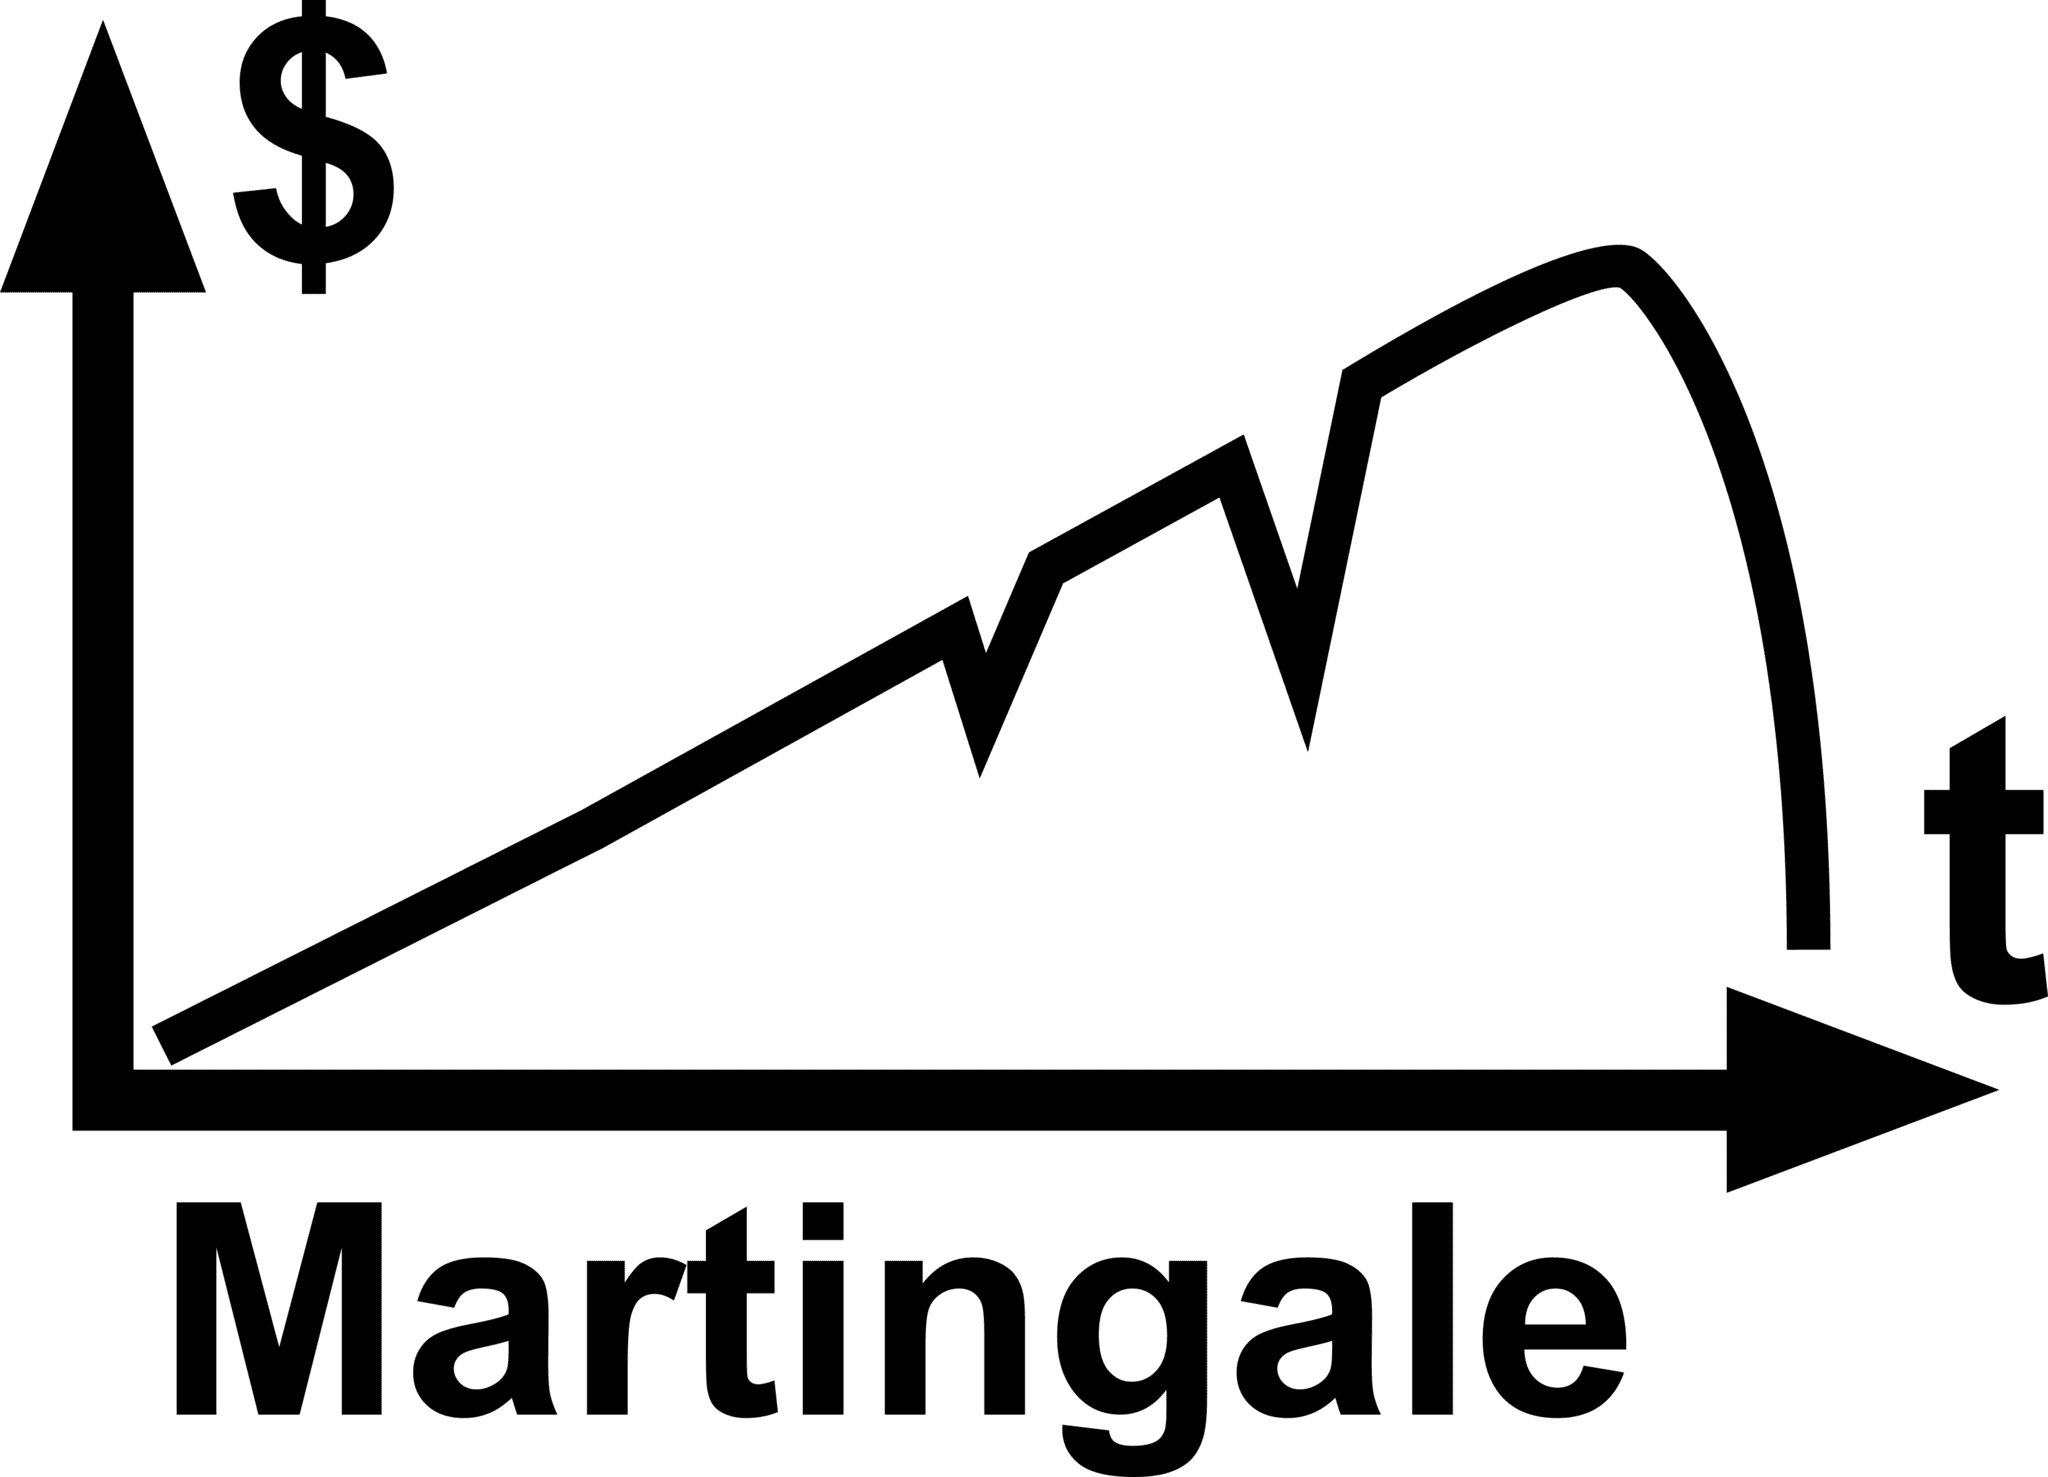 Back test hệ thống với phương pháp Martingale